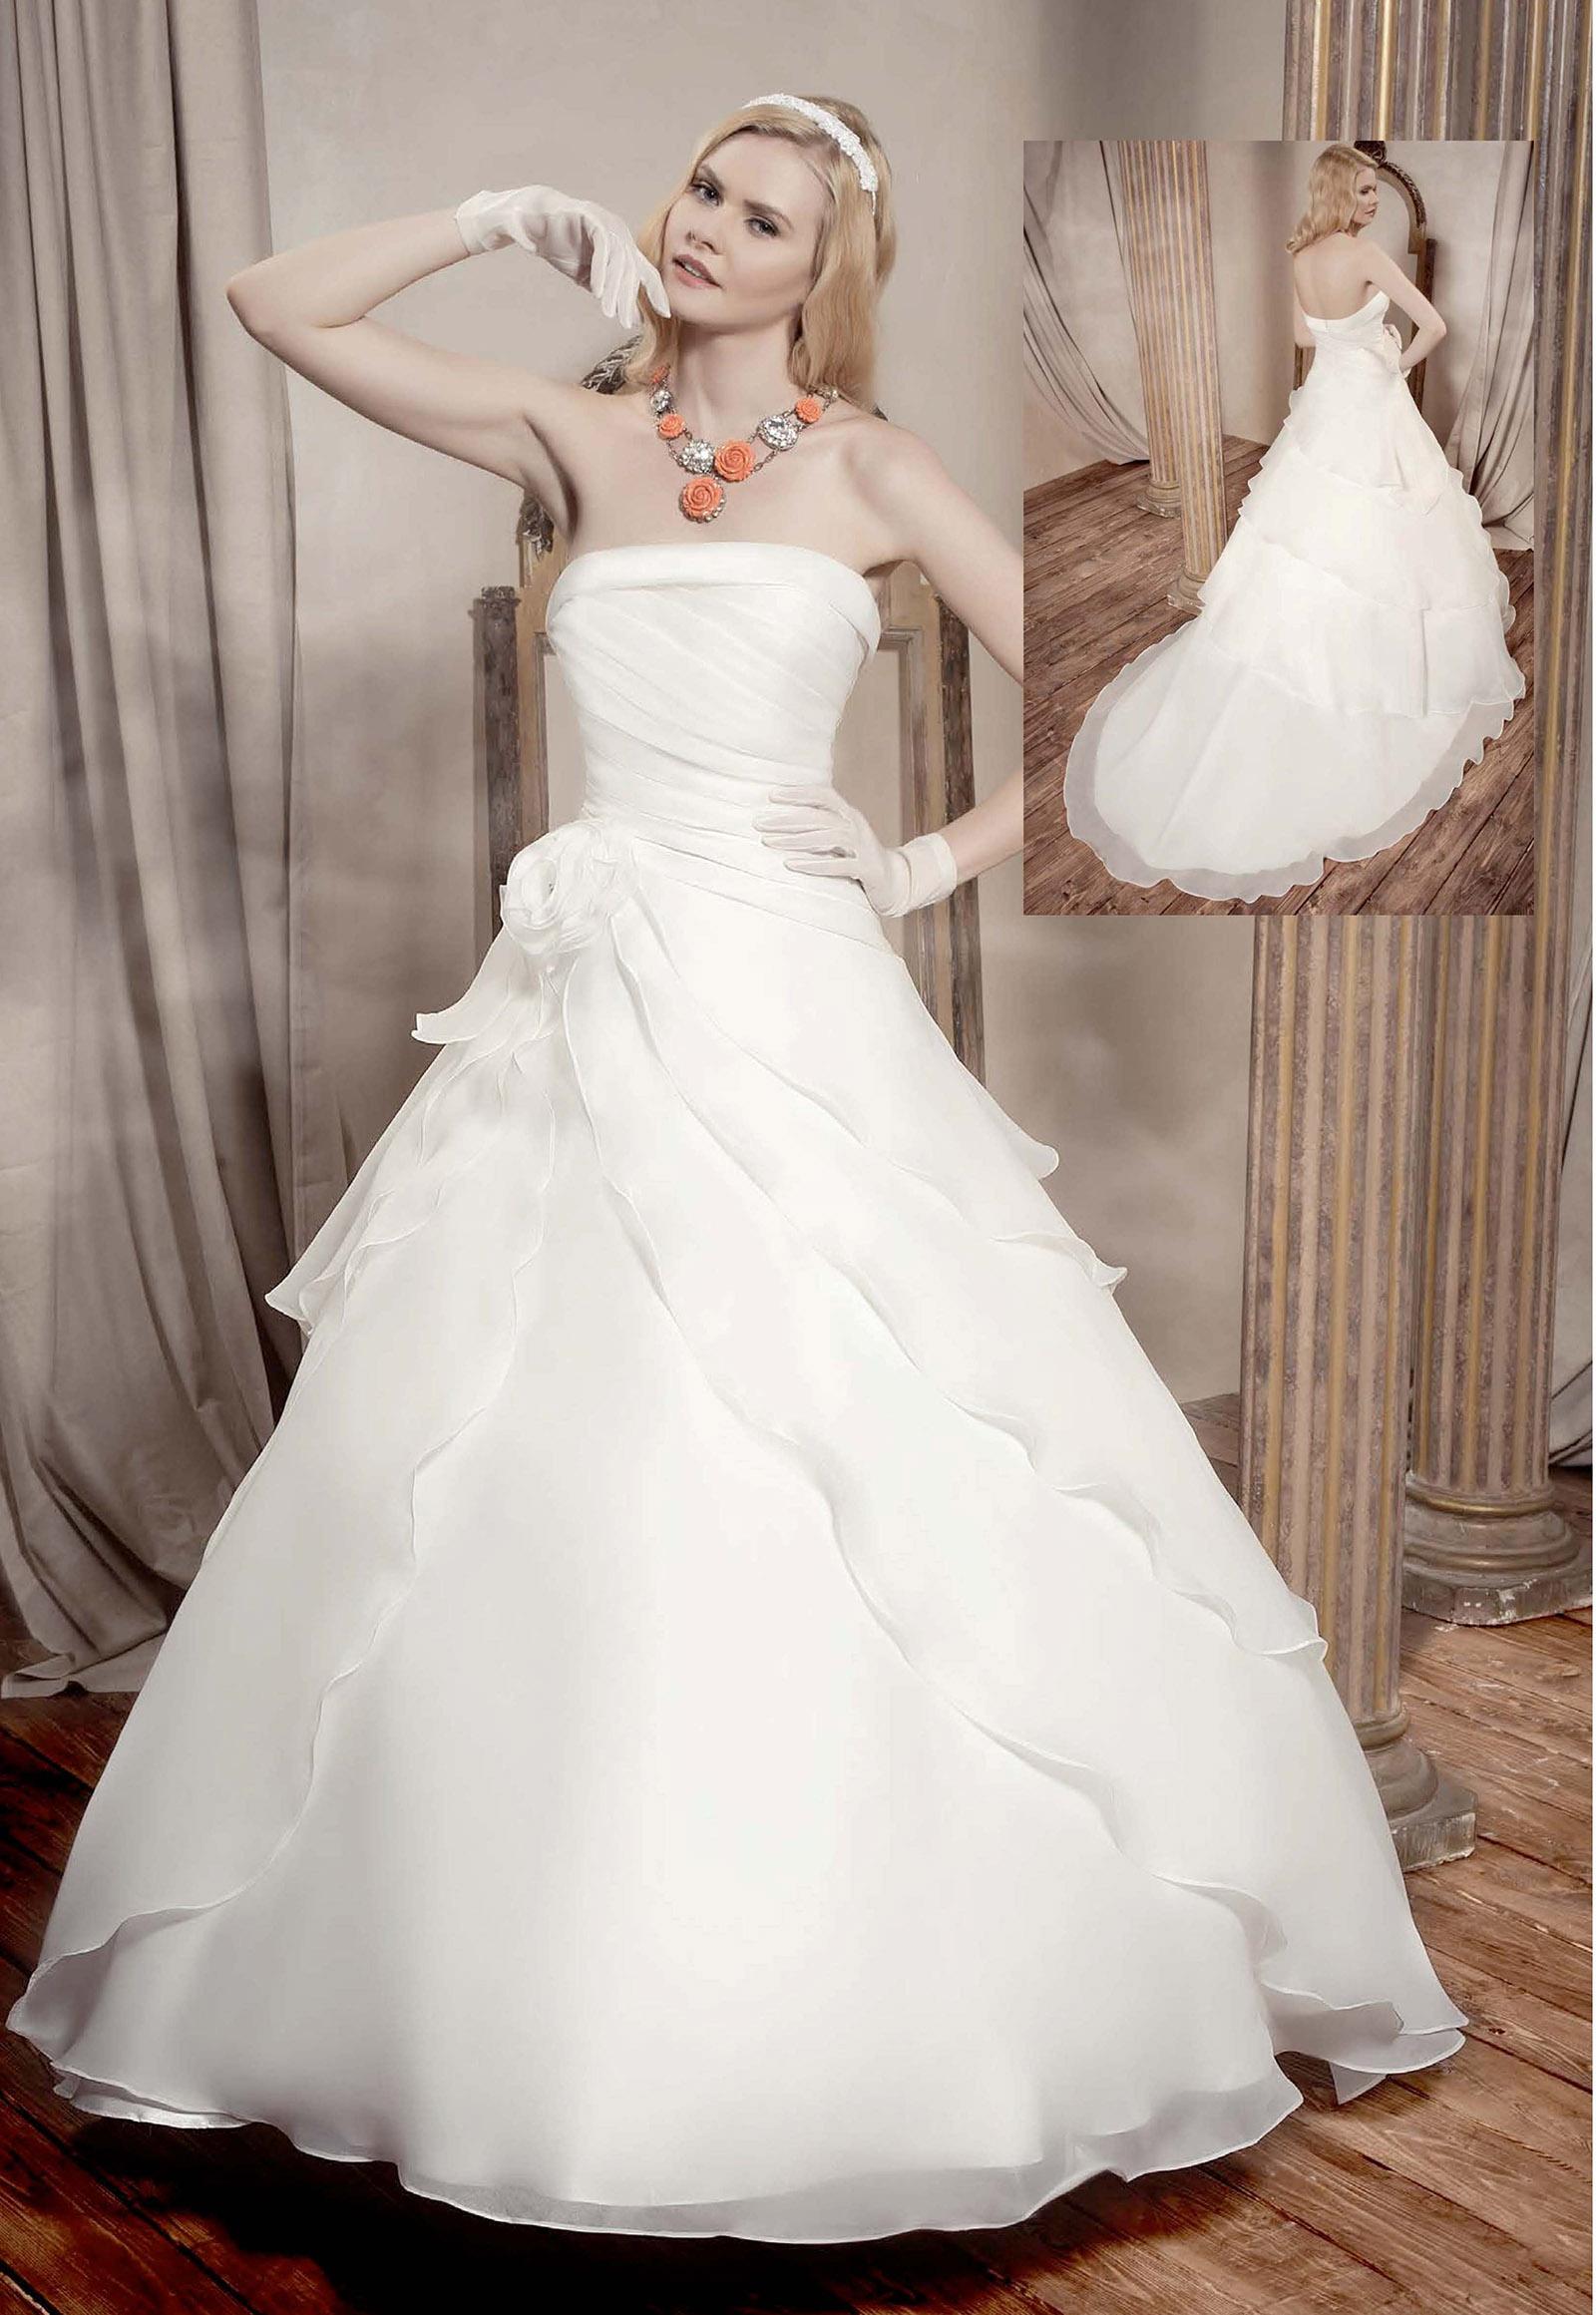 ece3302c250b Abiti Sposa Collezione » Delsa collezione perle abiti sposa da ...